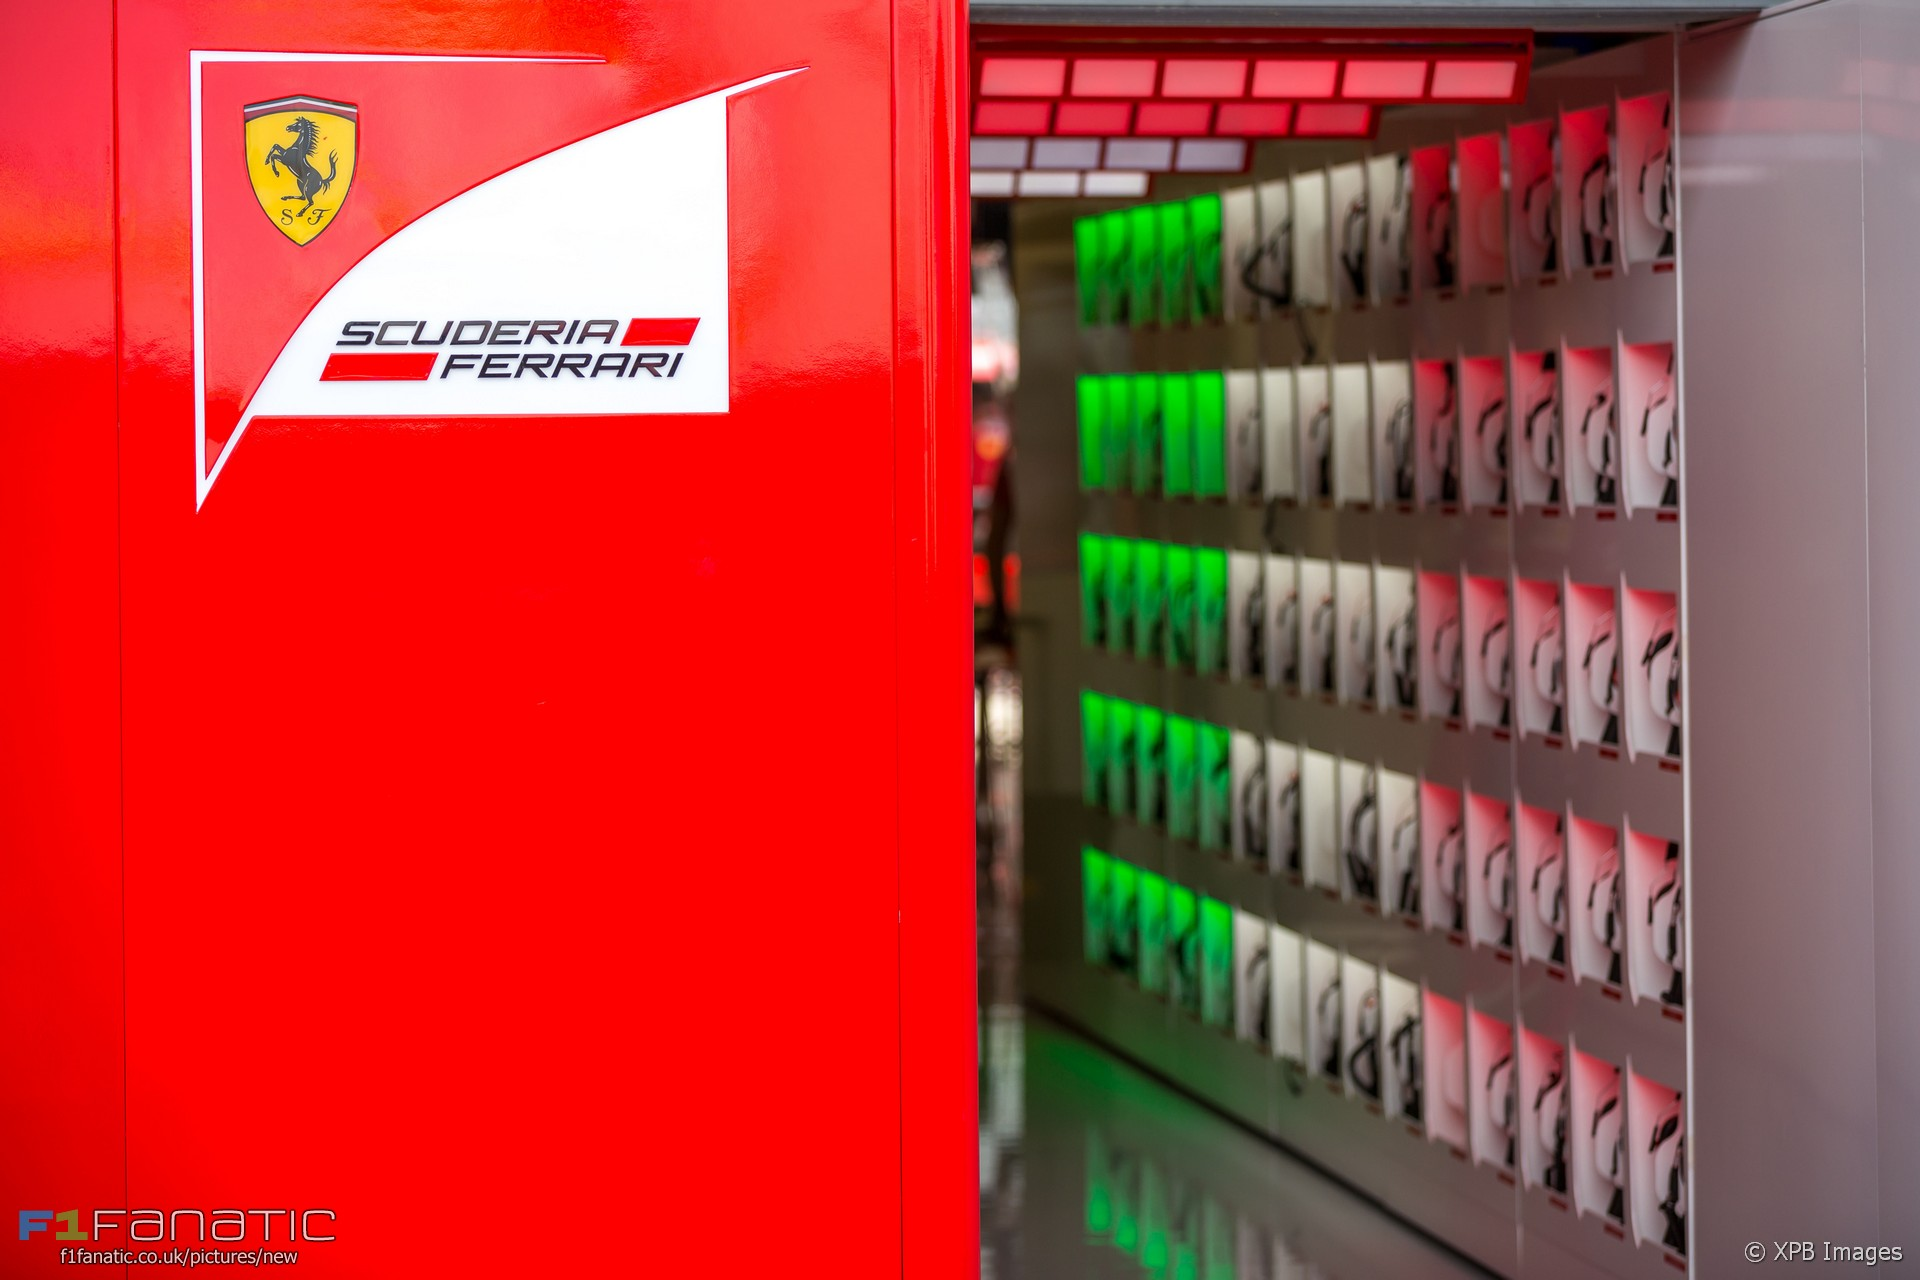 Ferrari, Circuit of the Americas, 2016